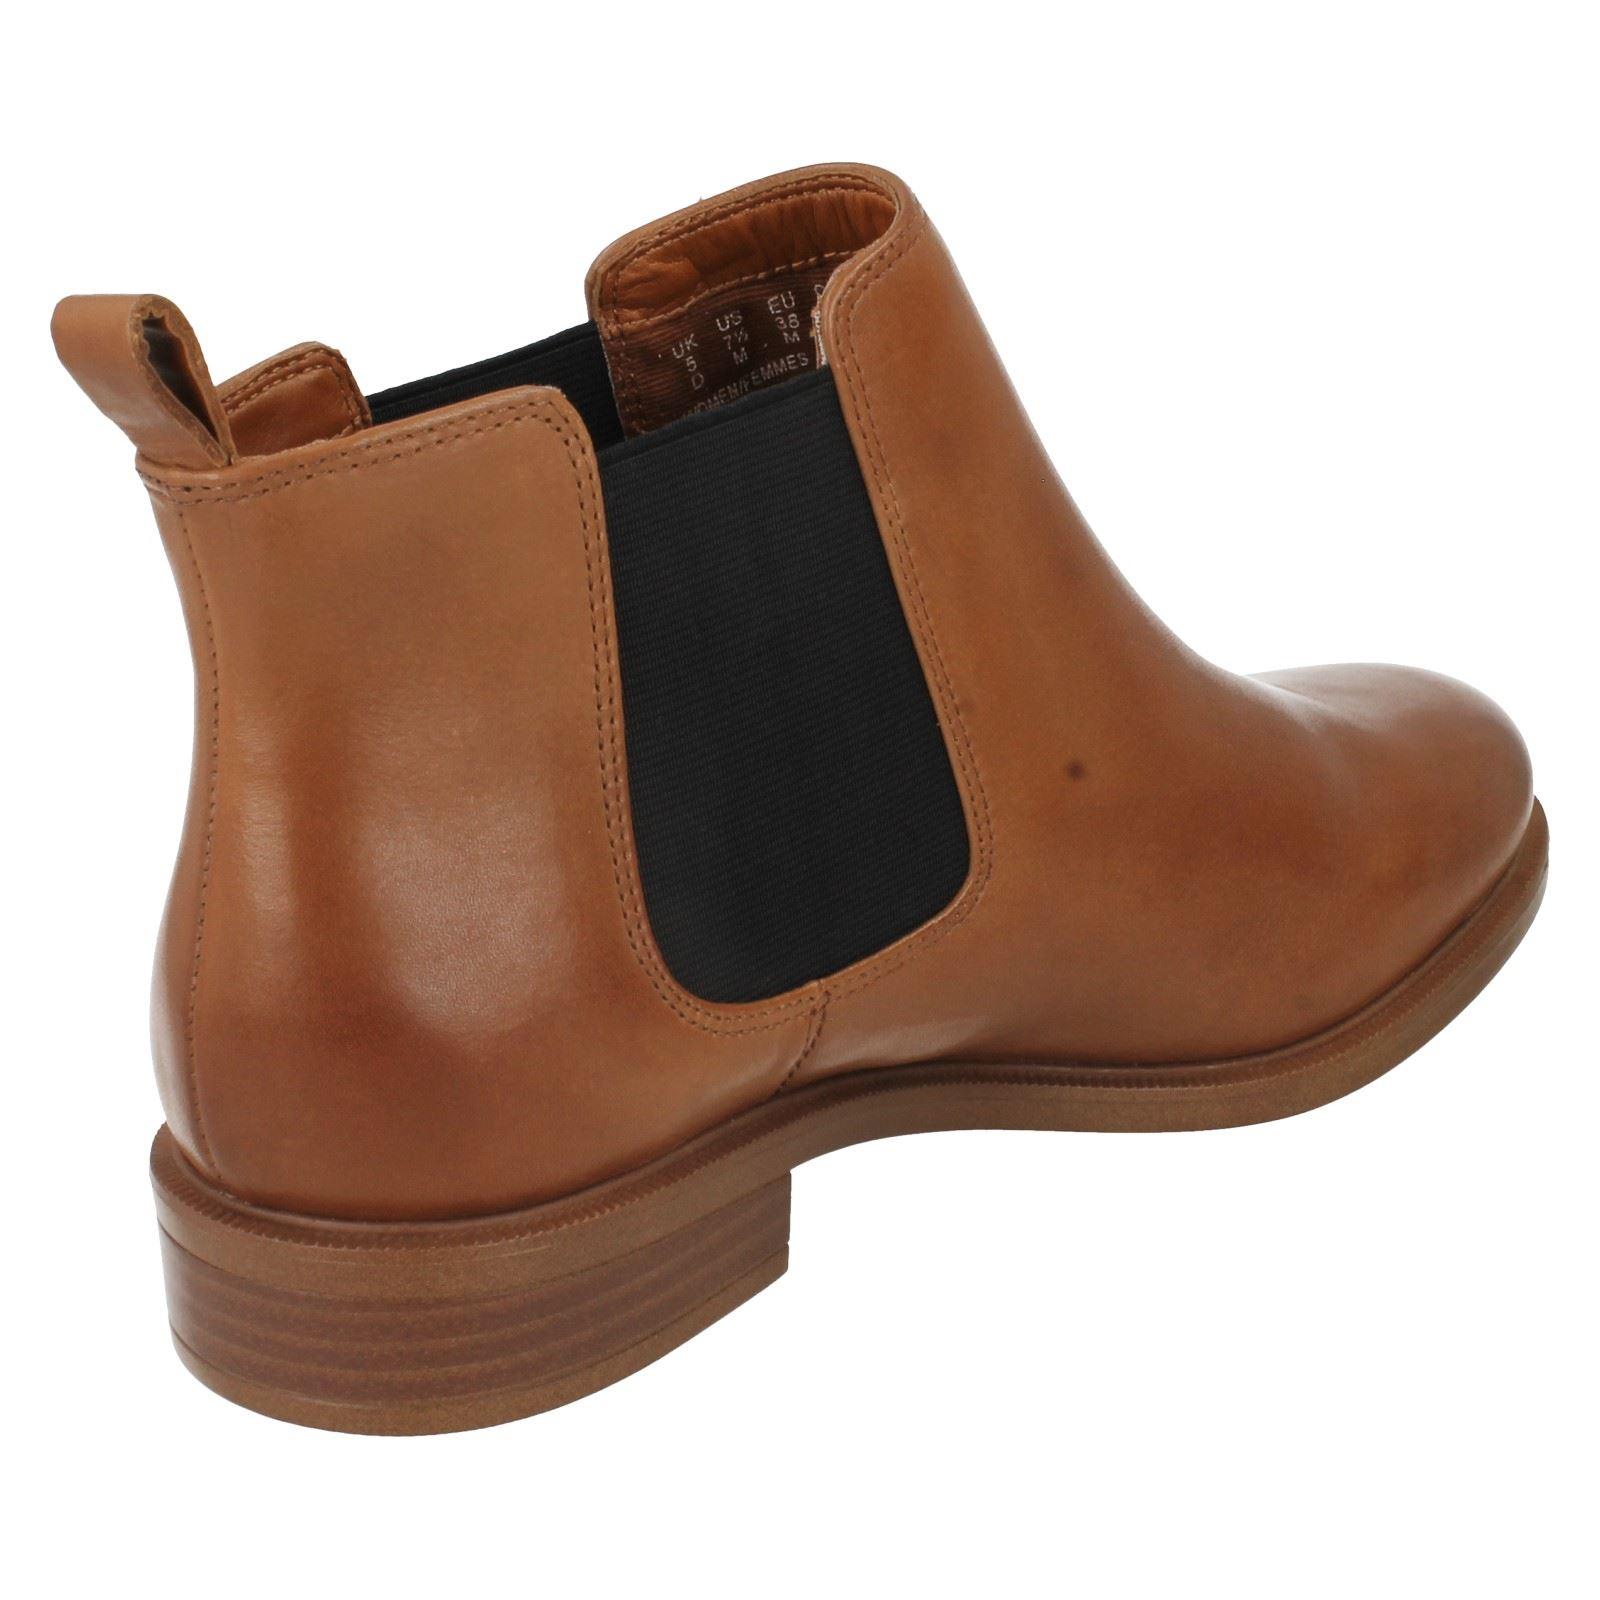 Femmes clarks bottines chelsea style-taylor shine   Matériaux De Grande Grande Grande Qualité    Fabrication Habile    Outlet Online  b819f6